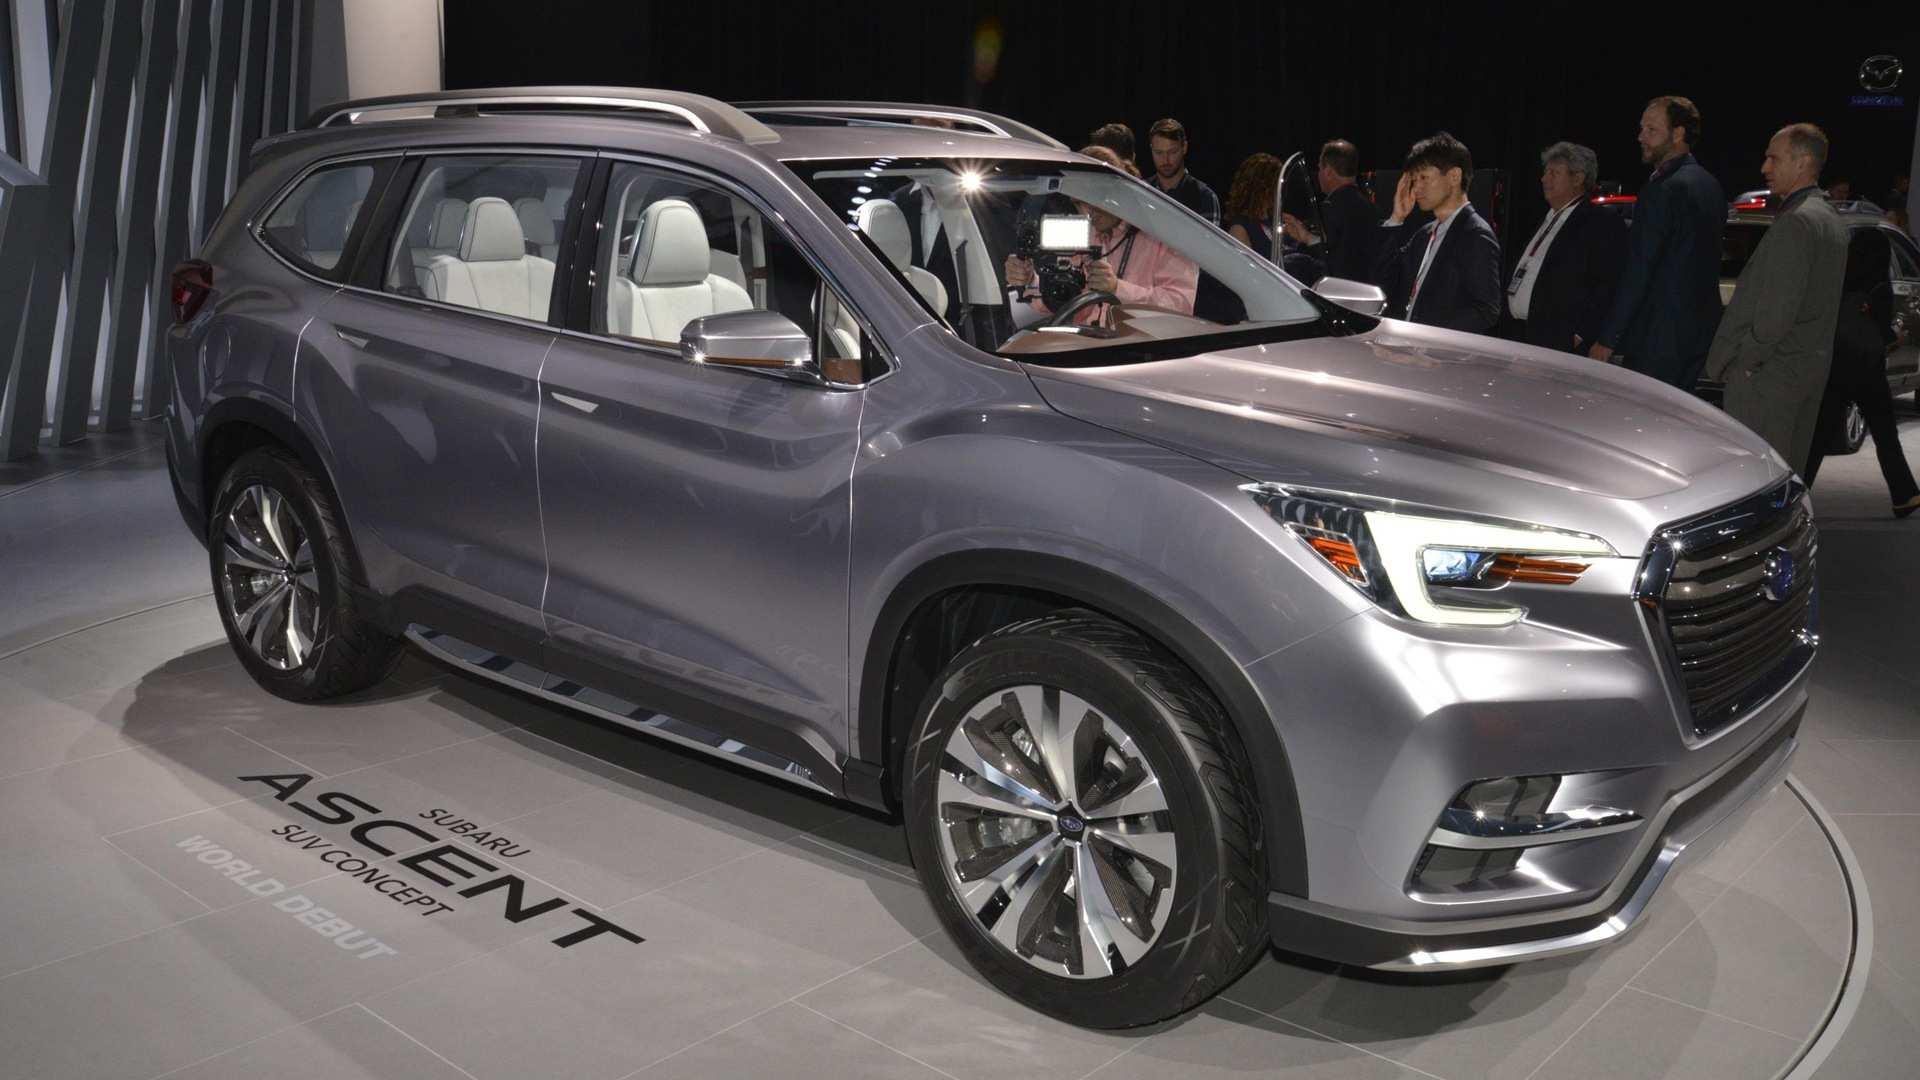 67 New 2020 Subaru Ascent GVWr Price with 2020 Subaru Ascent GVWr